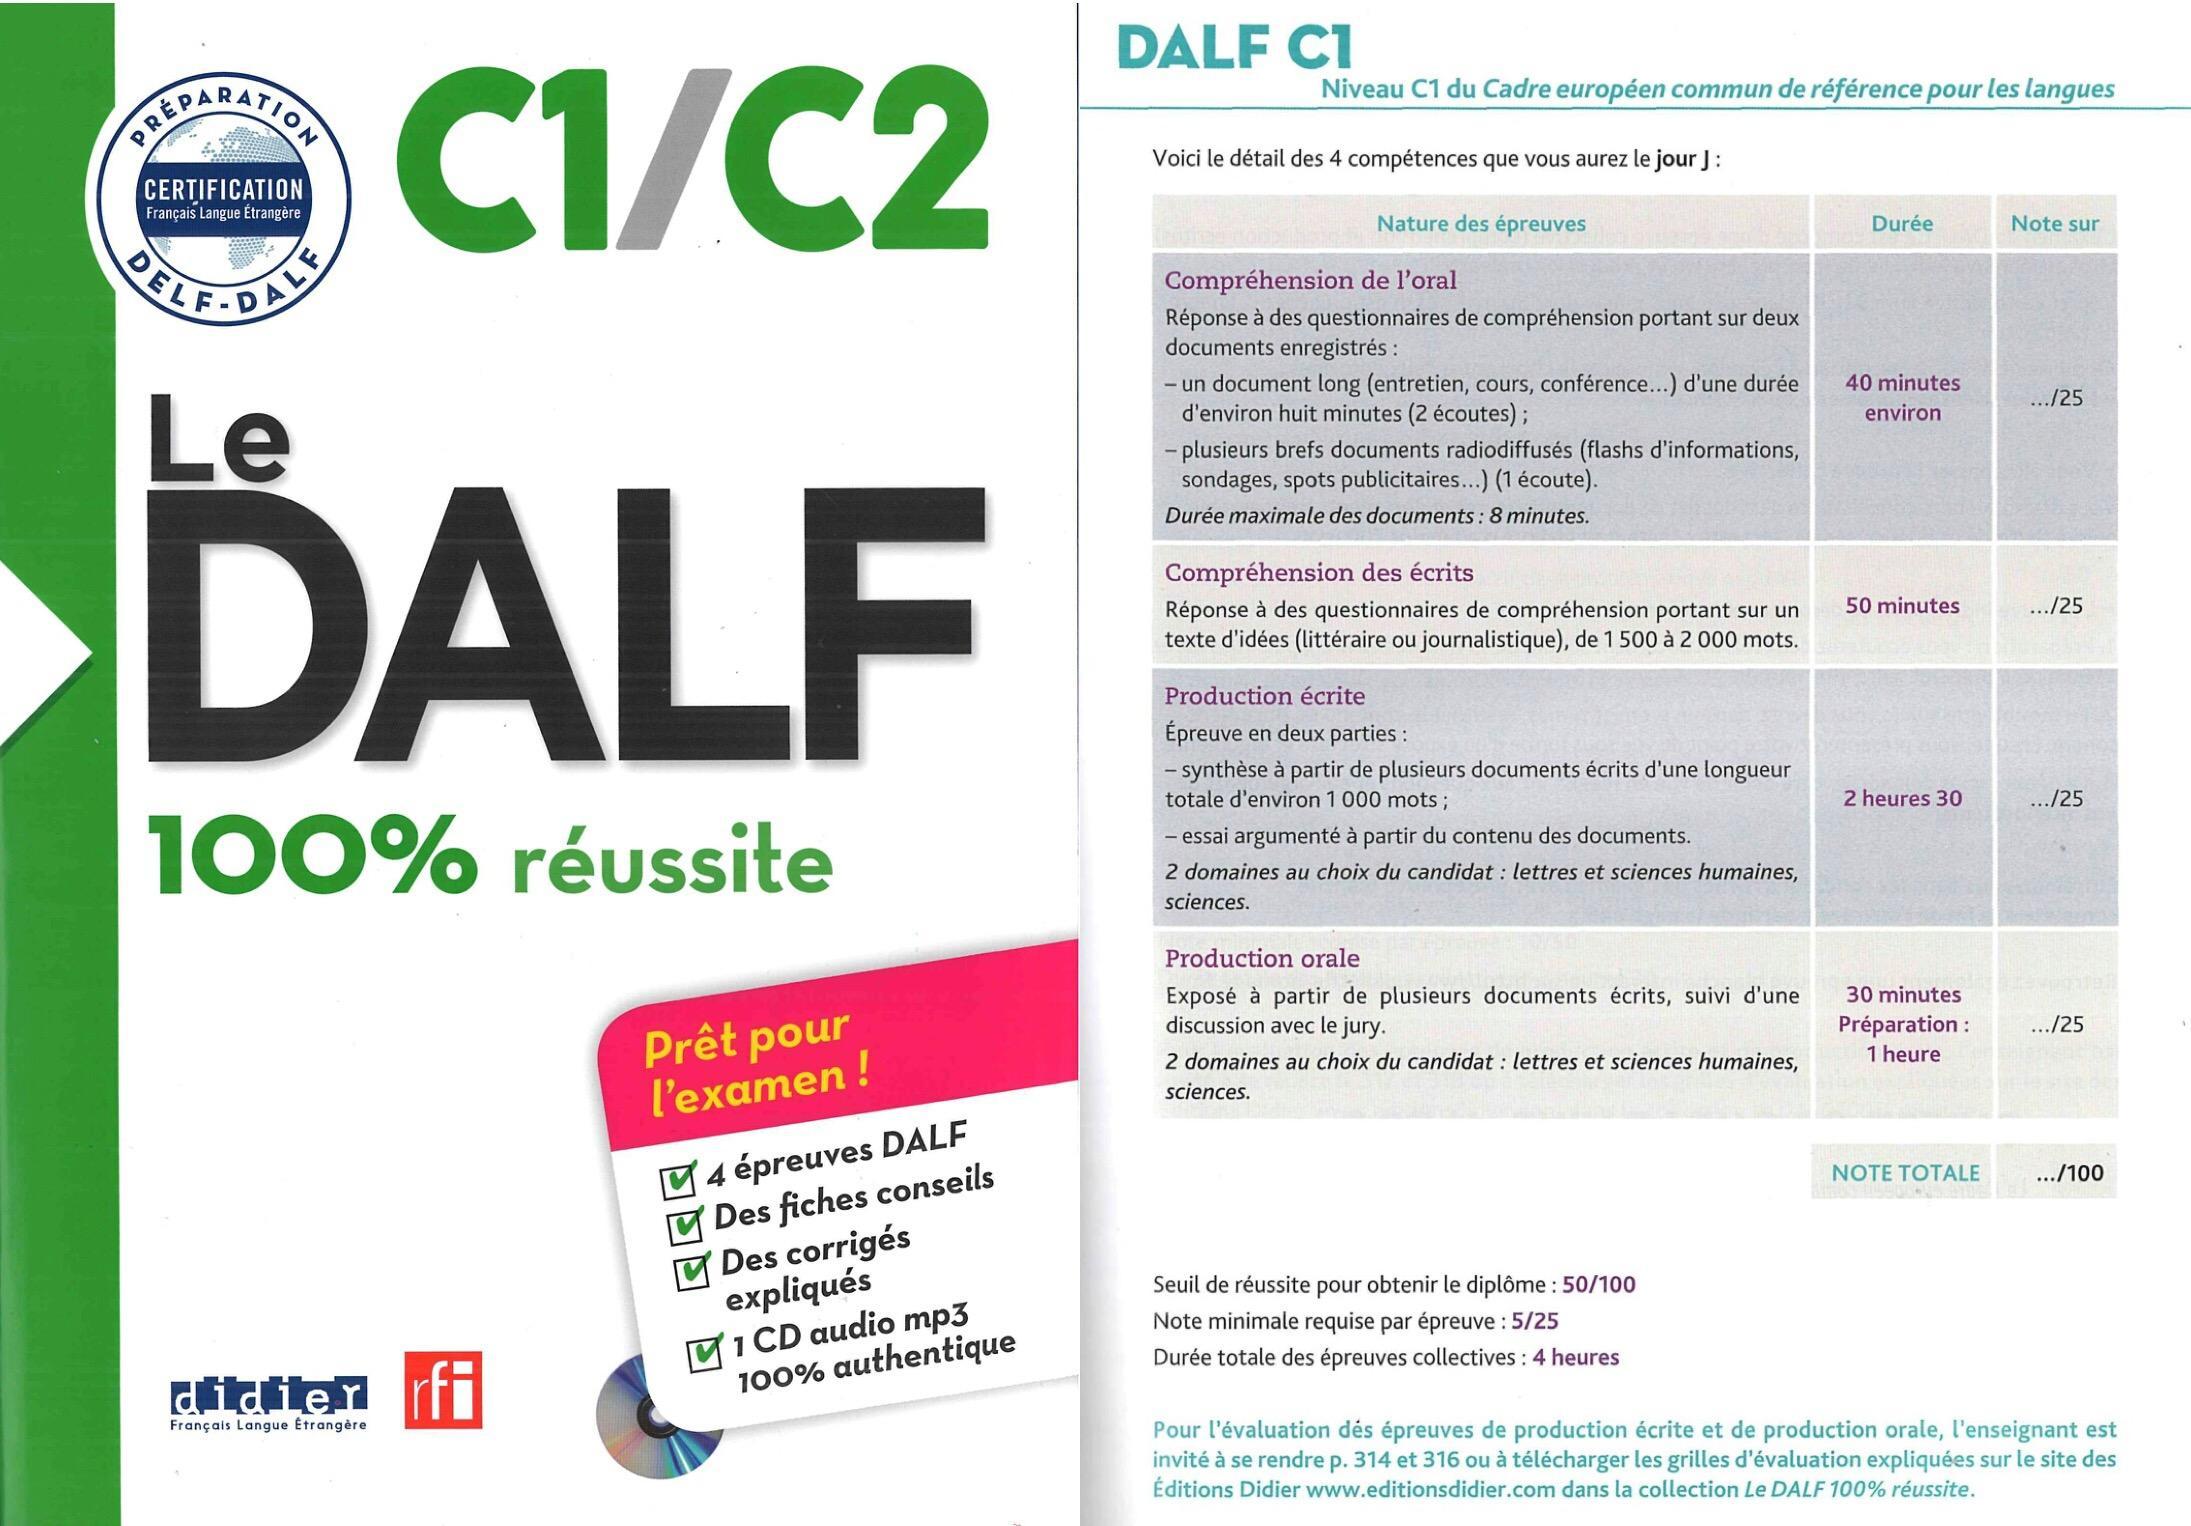 关于Dalf C1,一个话痨的碎碎念 - 知乎